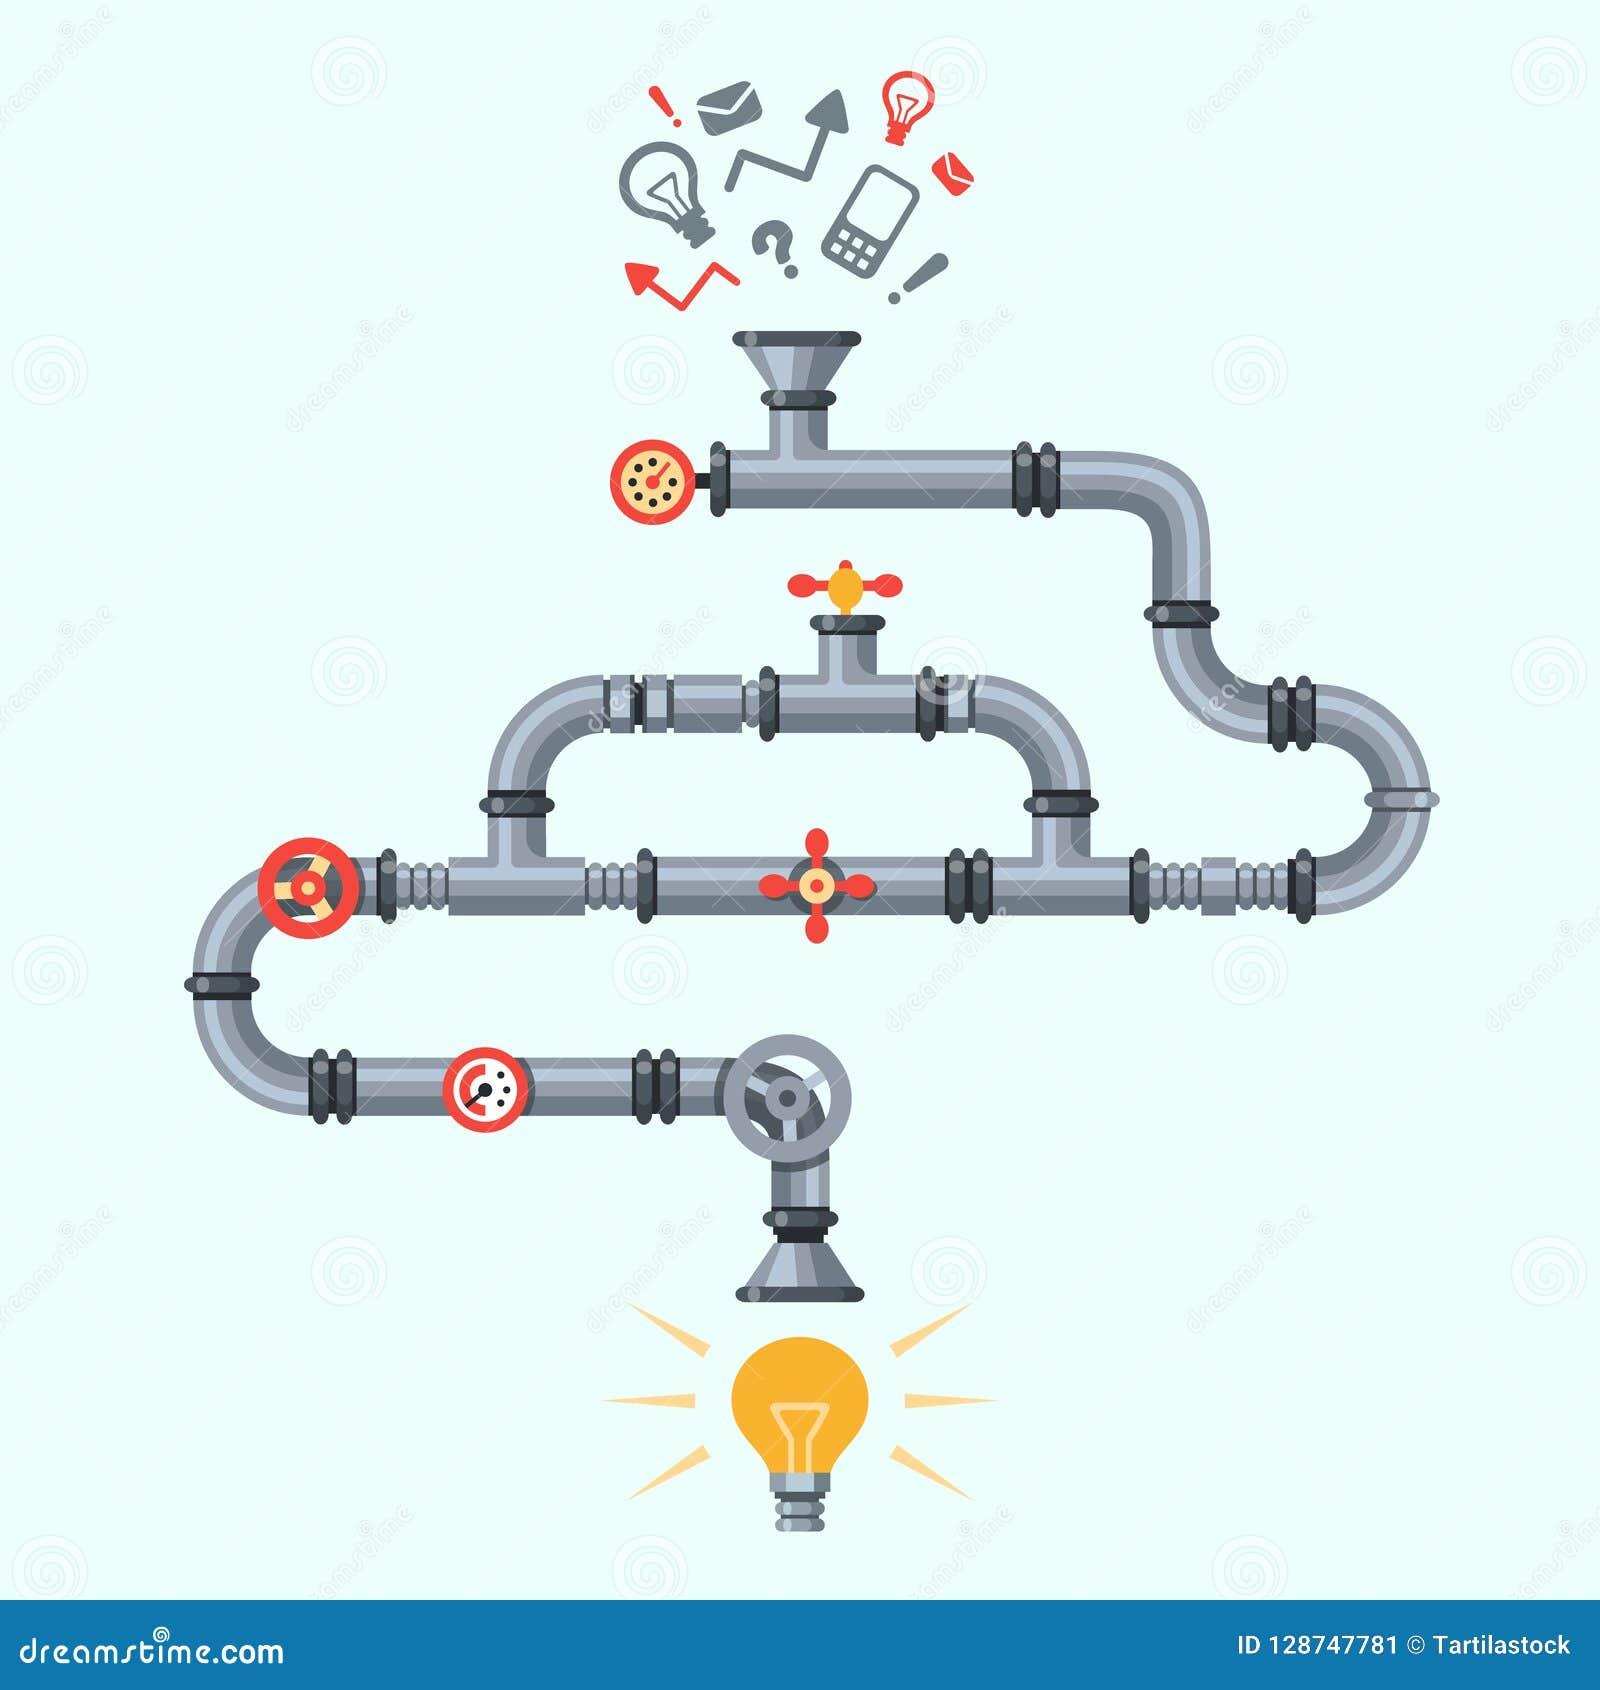 Γεννήτρια ιδεών Μηχανή παραγωγής ιδέας, μηχανές εργοστασίων σωληνώσεων βιομηχανίας με το φωτισμό του λαμπτήρα Διάνυσμα επιχειρησι